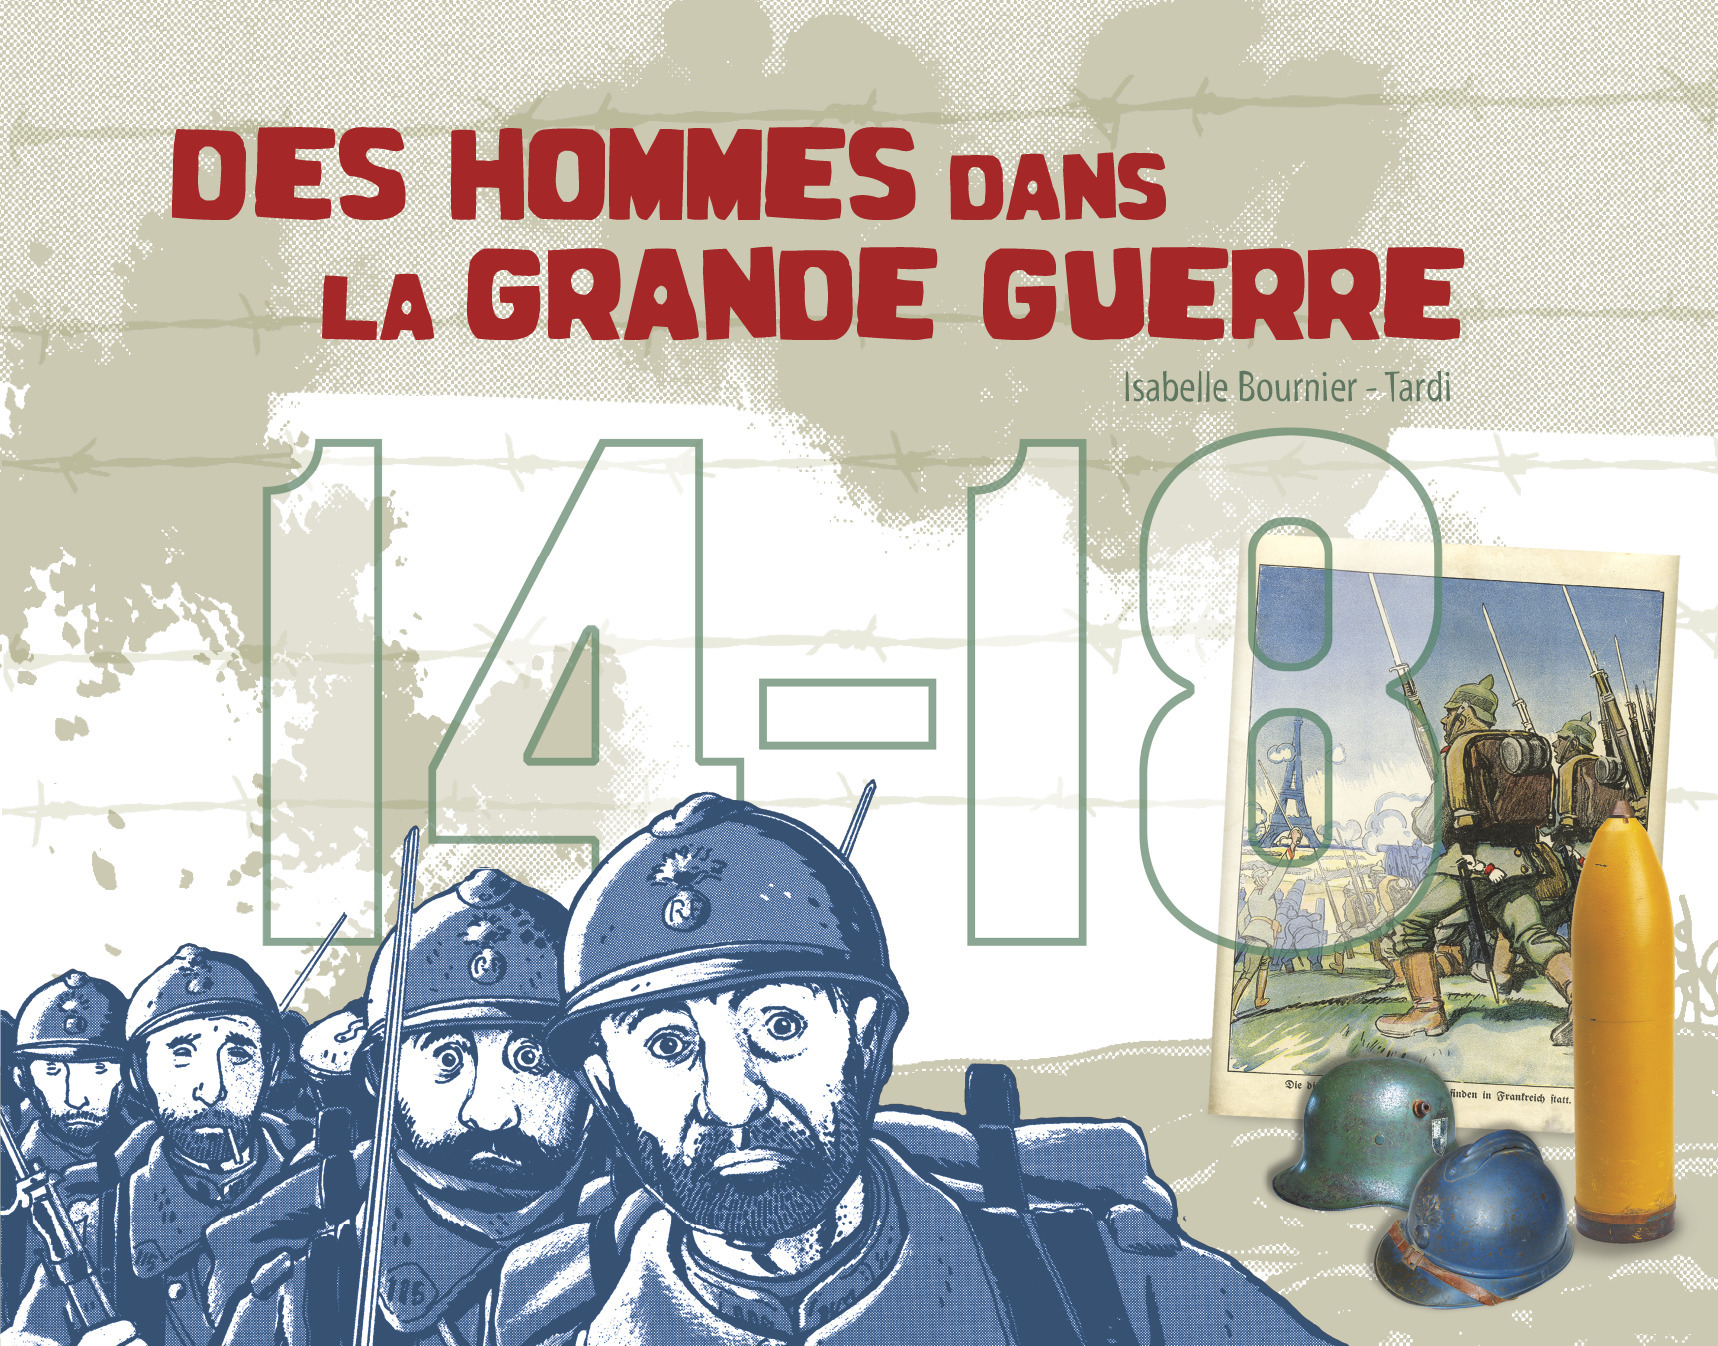 14-18 DES HOMMES DANS LA GRANDE GUERRE